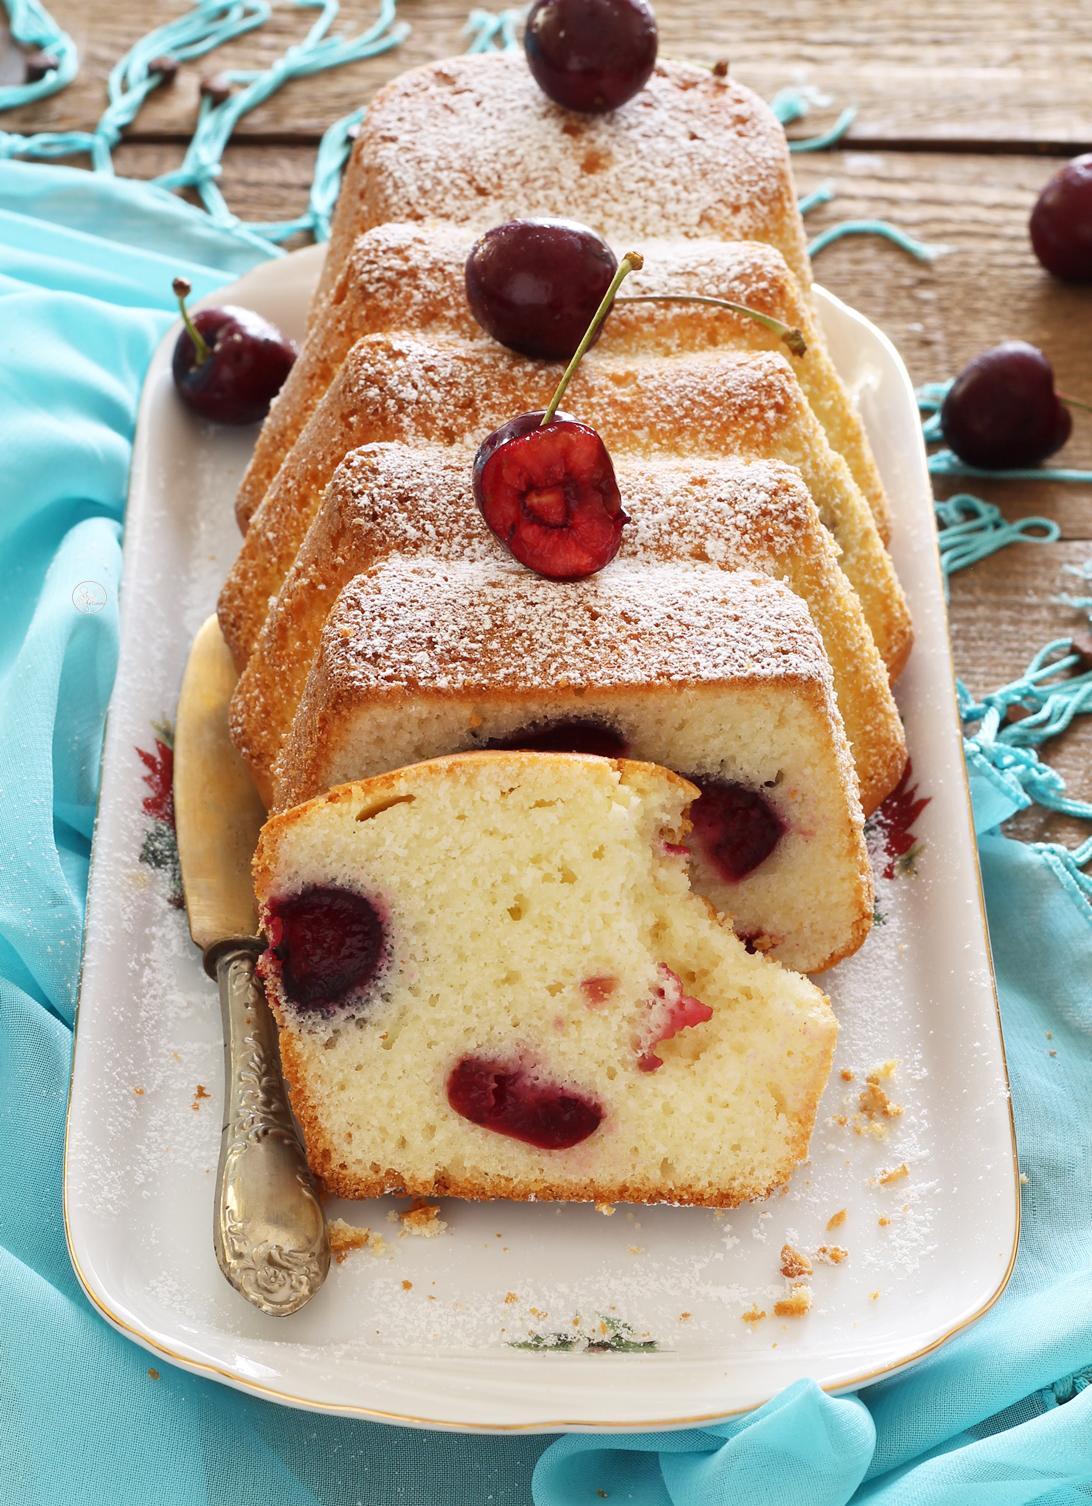 Cake sans gluten avec griottes et yaourt - La Cassata Celiaca